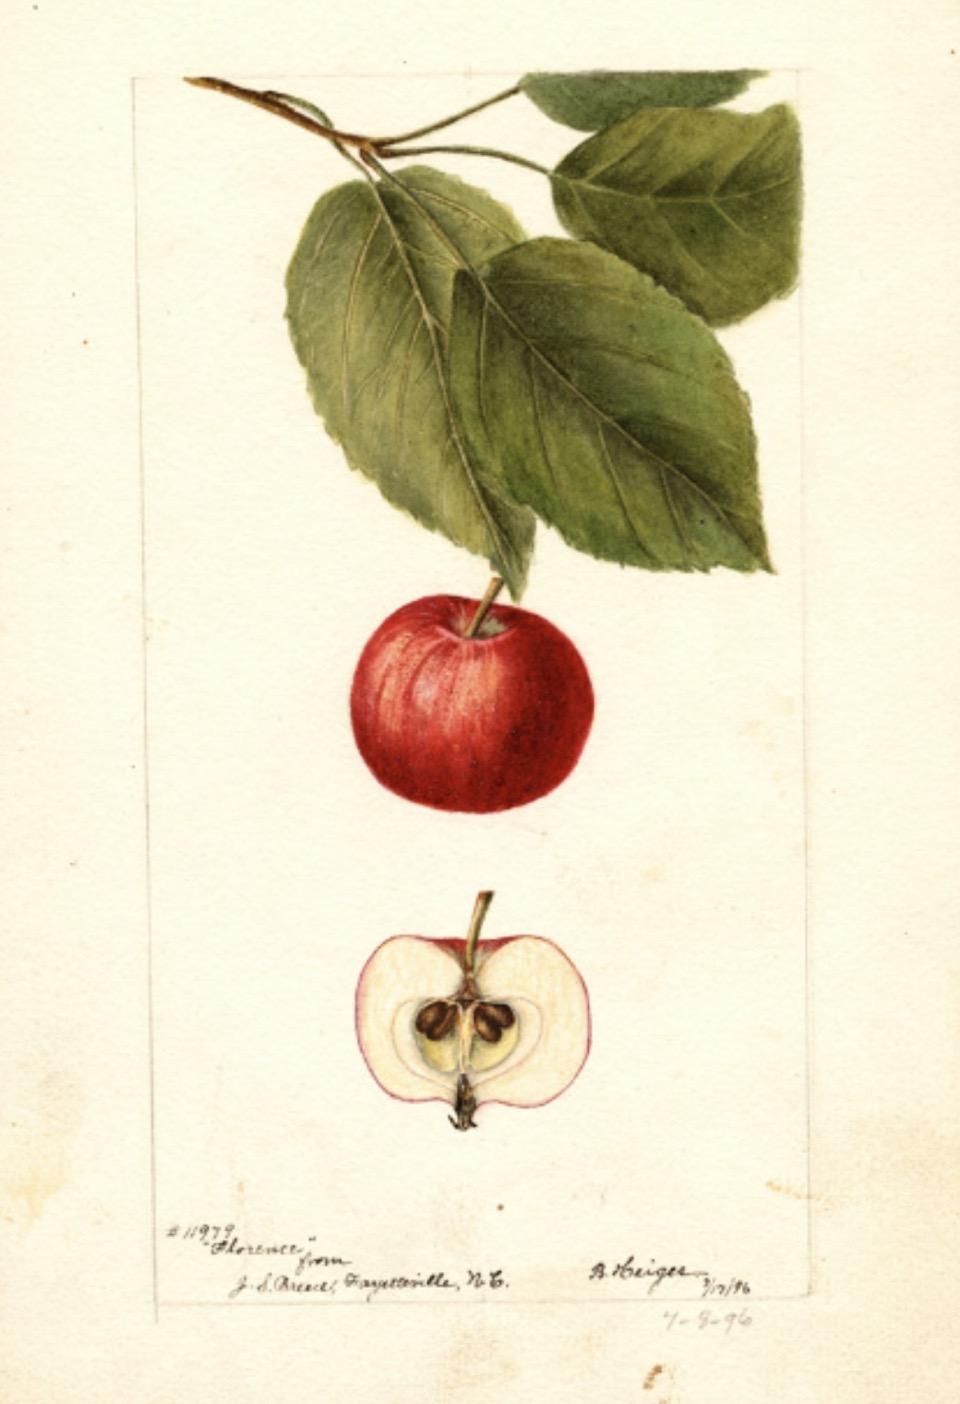 Historische Abbildung eines roten Apfels mit Zweig und Blättern und eines aufgeschnittenen Apfels; USDA